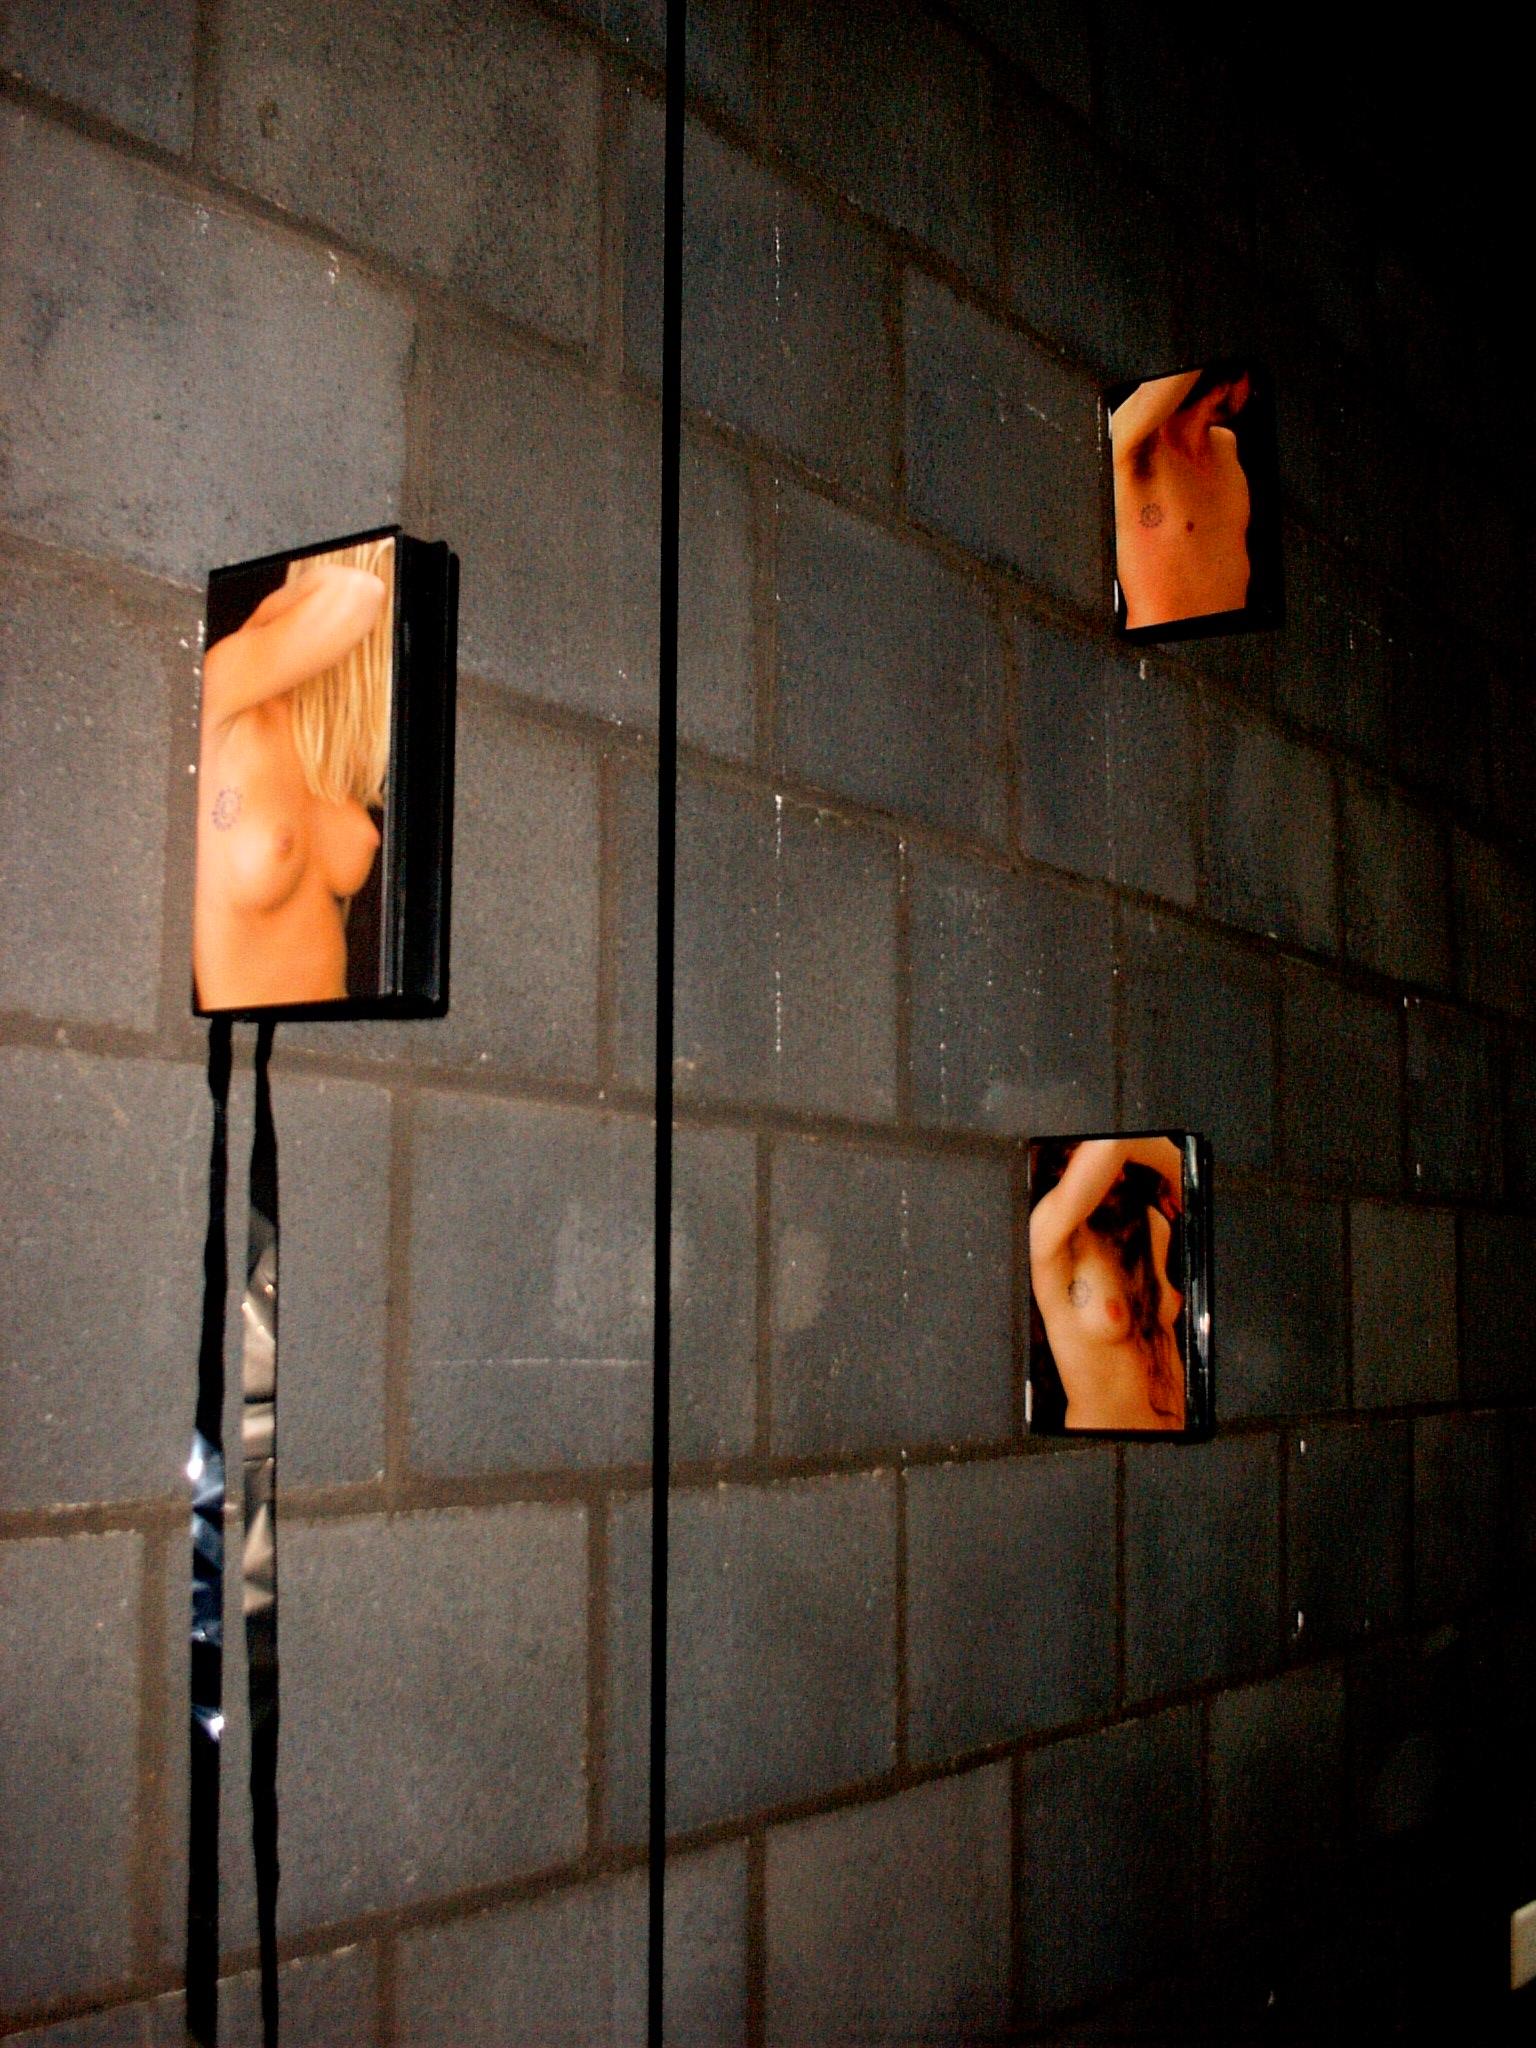 'RESTRICTED ART ZONE'-okselfoto's